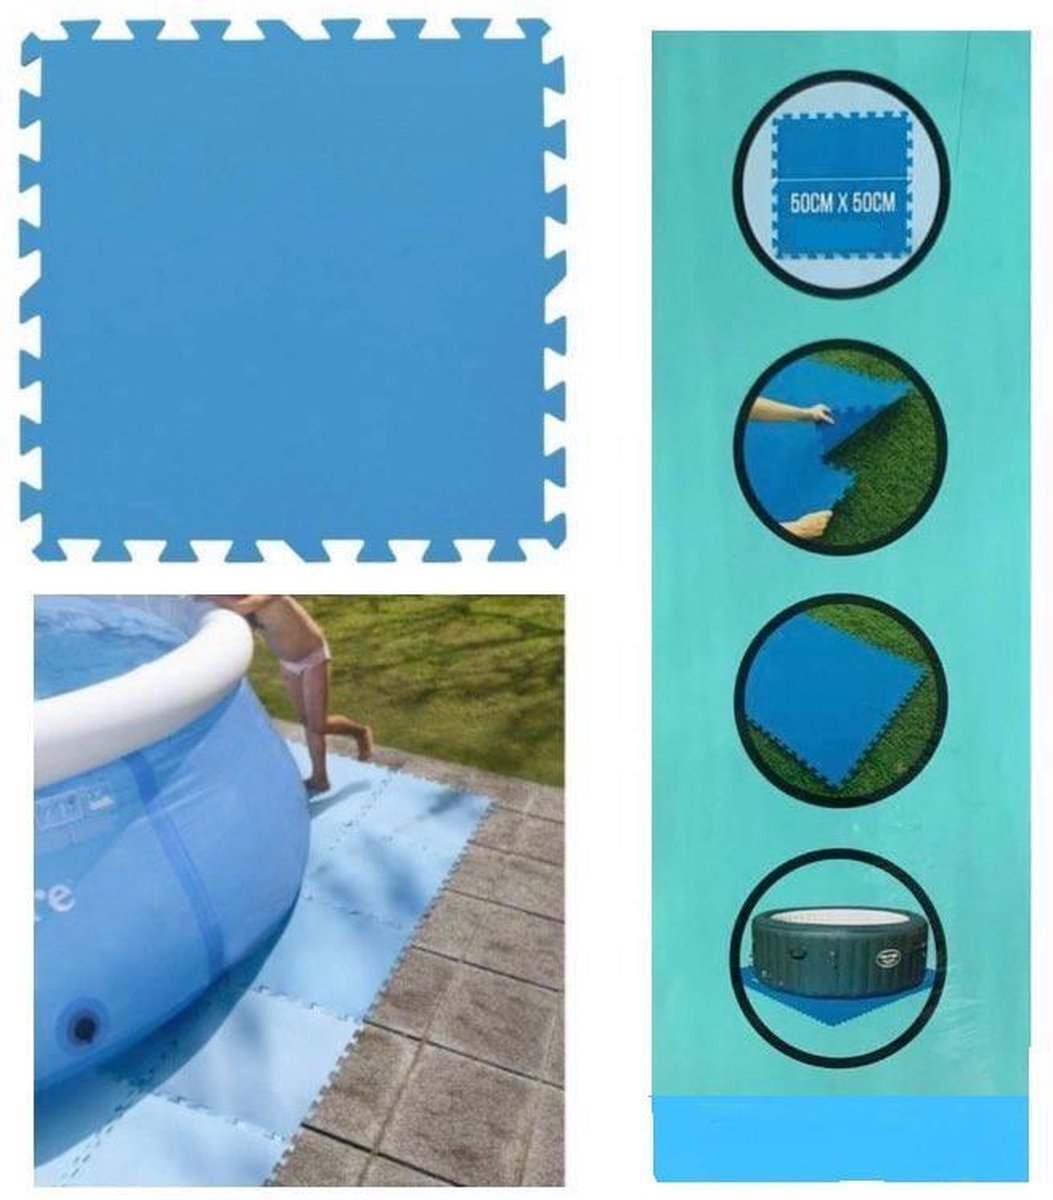 Zwembad tegels - Set van 8 stuks - Bodem bescherming - Ondertegels - Ondervloer - Ondergrond - Foam